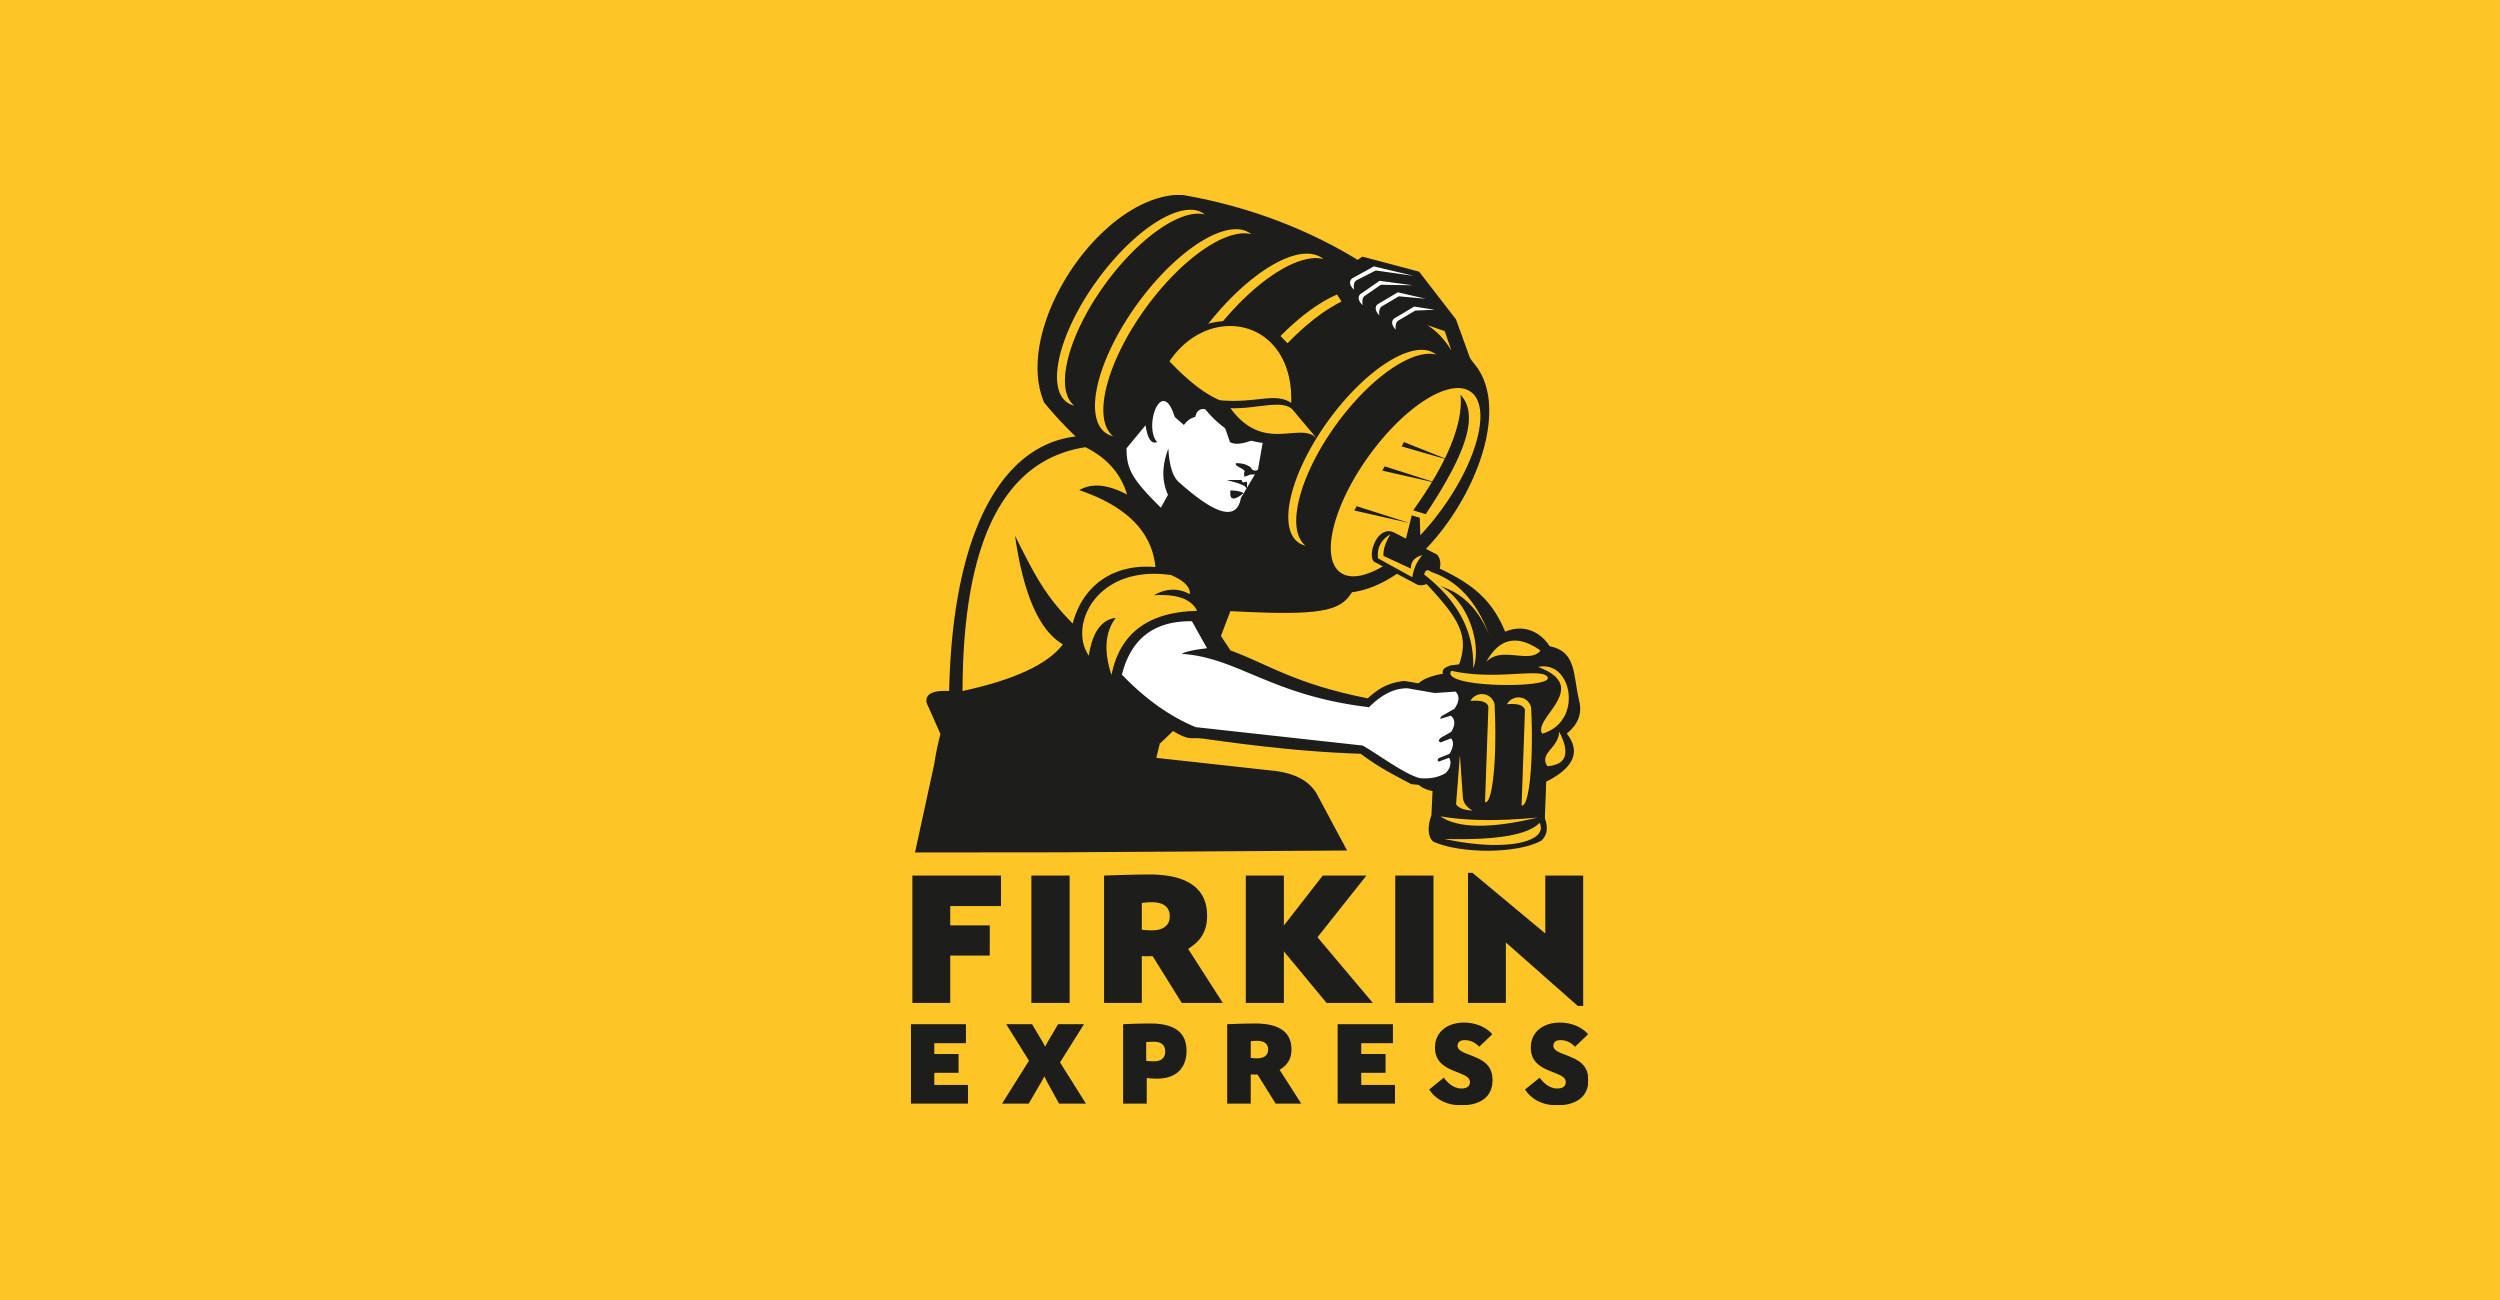 Firkin Express